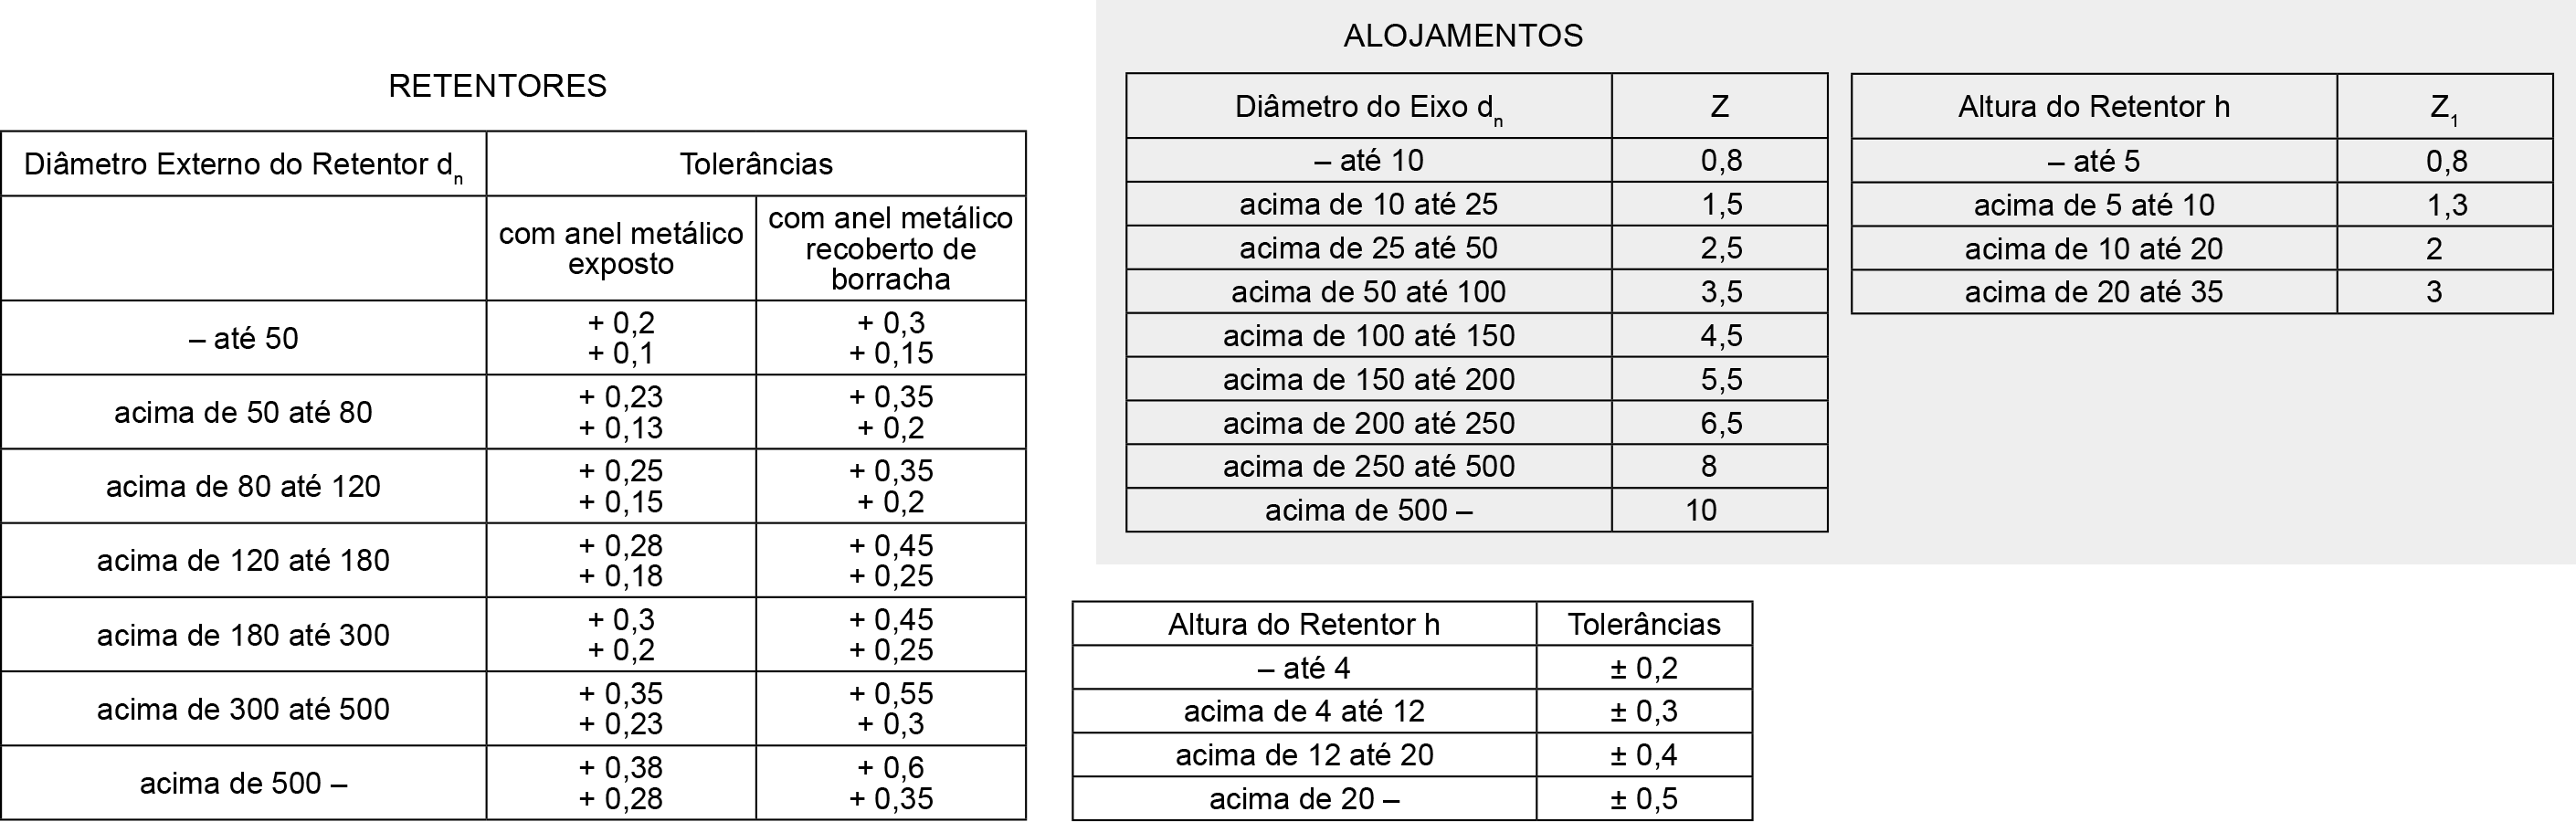 Tabela de Tolerâncias para Retentores Especiais